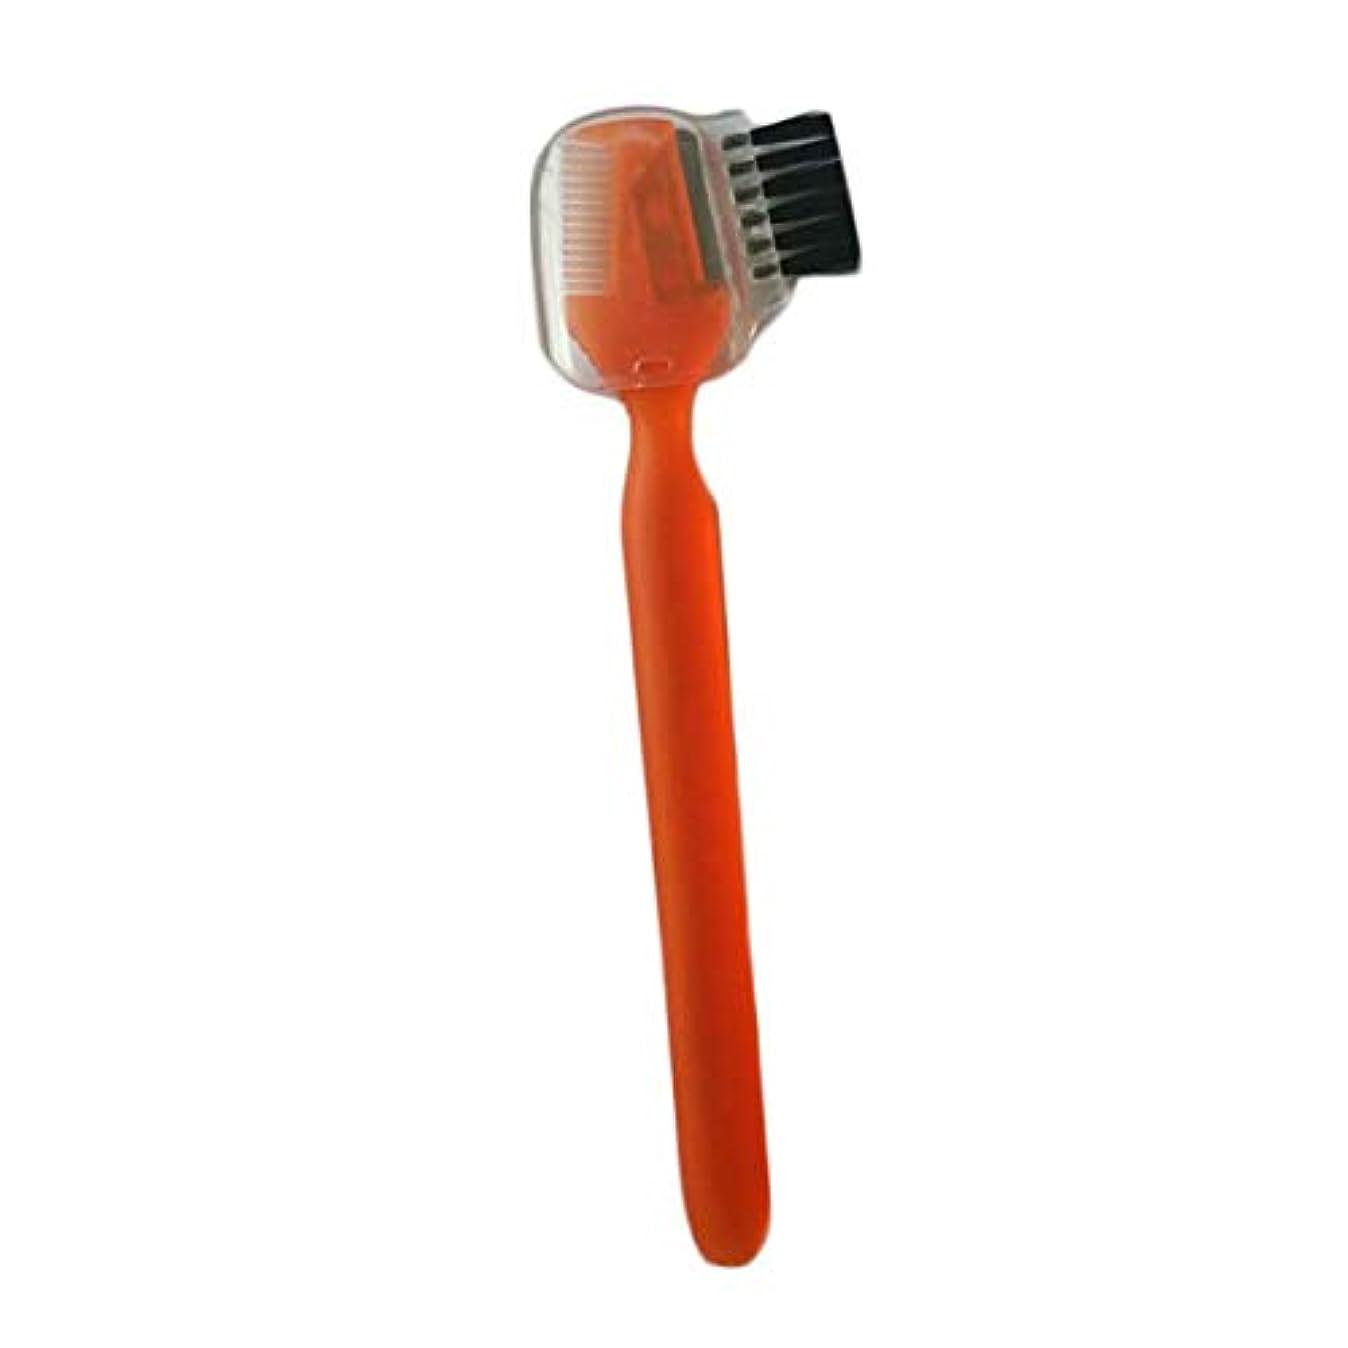 と遊ぶ知覚的にOU-Kunmlef 新しい流行の5つのPC女性は、眉毛櫛で眉毛剃刀トリマー形プロシェービングキットを噛みます(None orange)